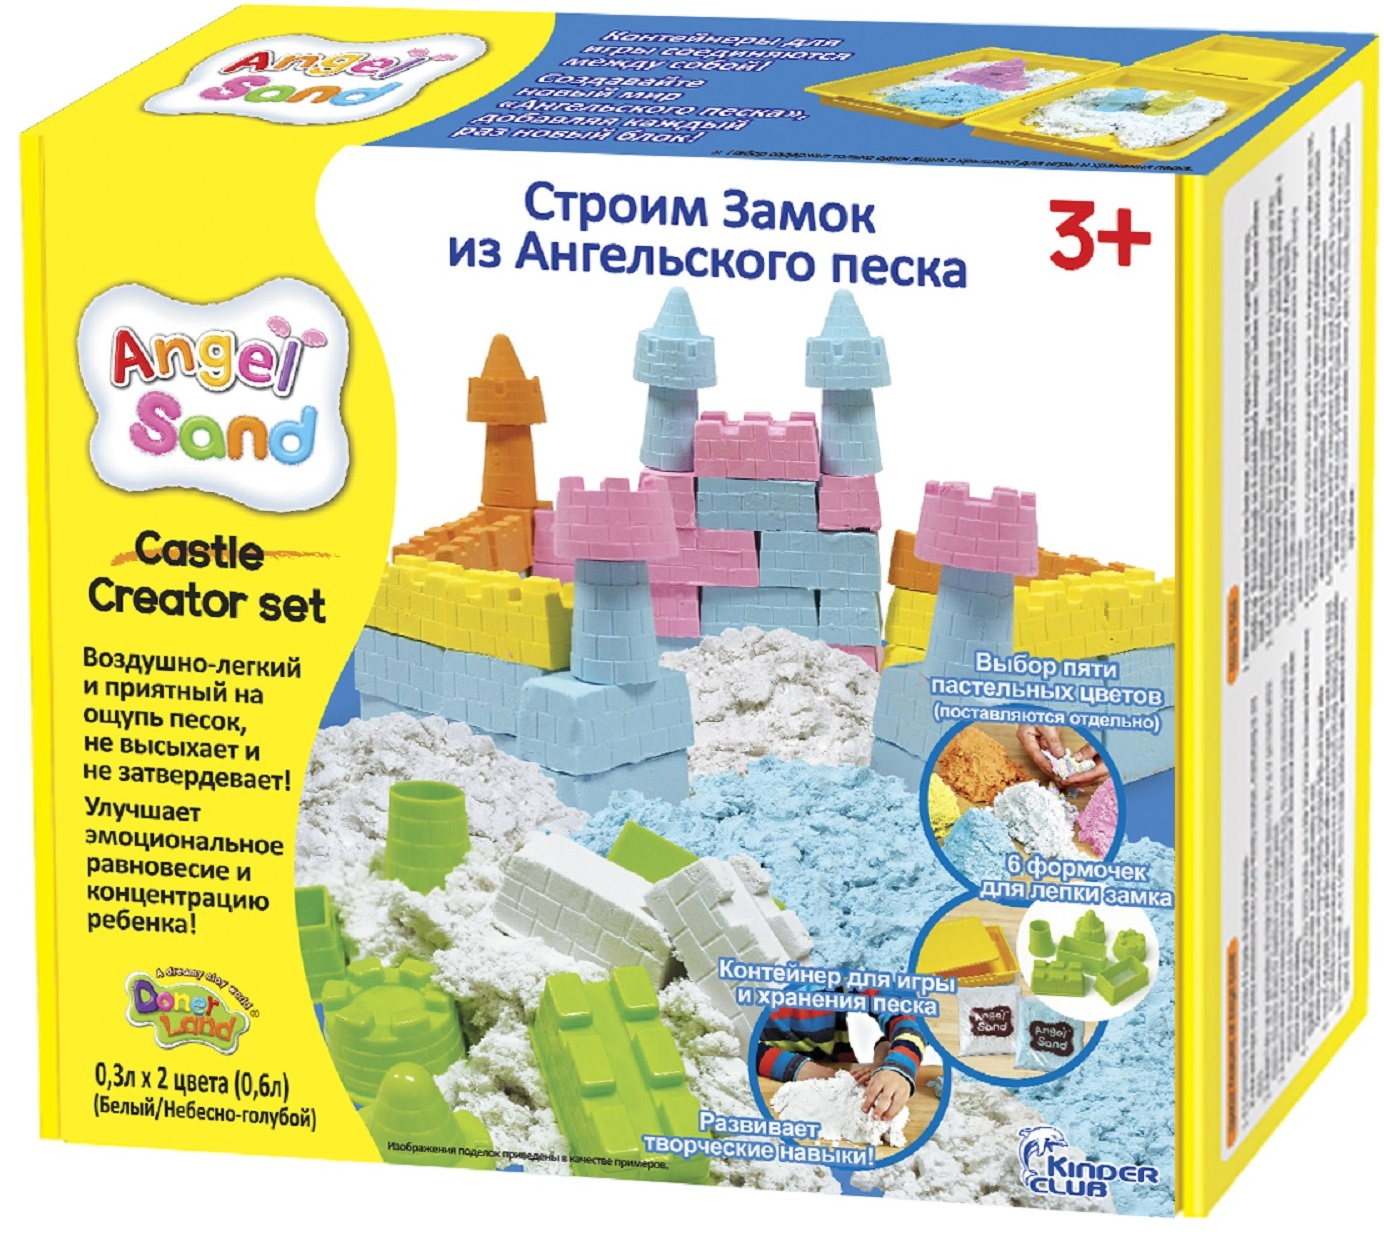 все цены на Песок Angel Sand Игровой набор песка Песочный замок (Castle Creator Set) онлайн